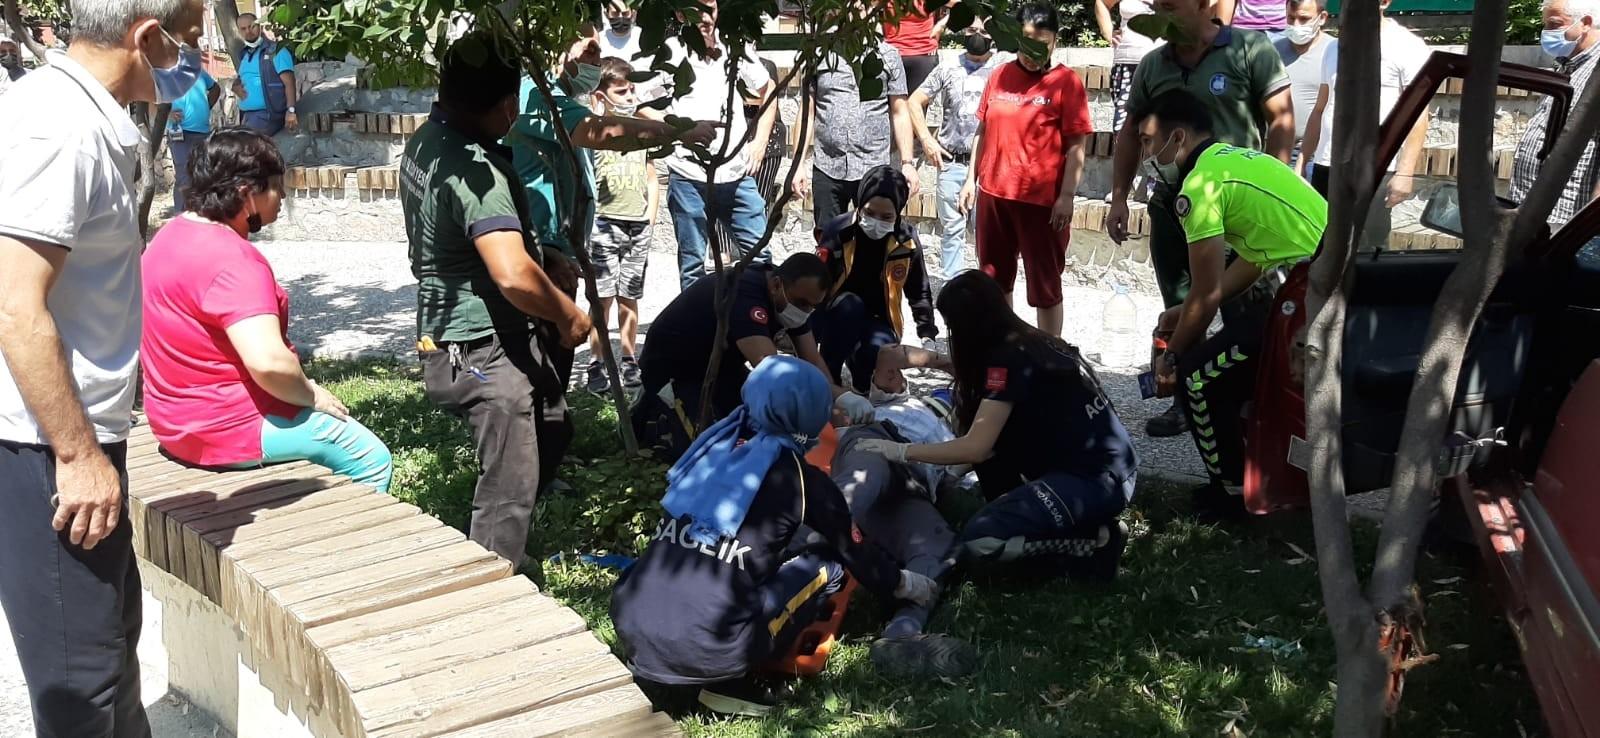 Çorum'da Otomobil Çocuk Parkına Daldı: 1 Yaralı